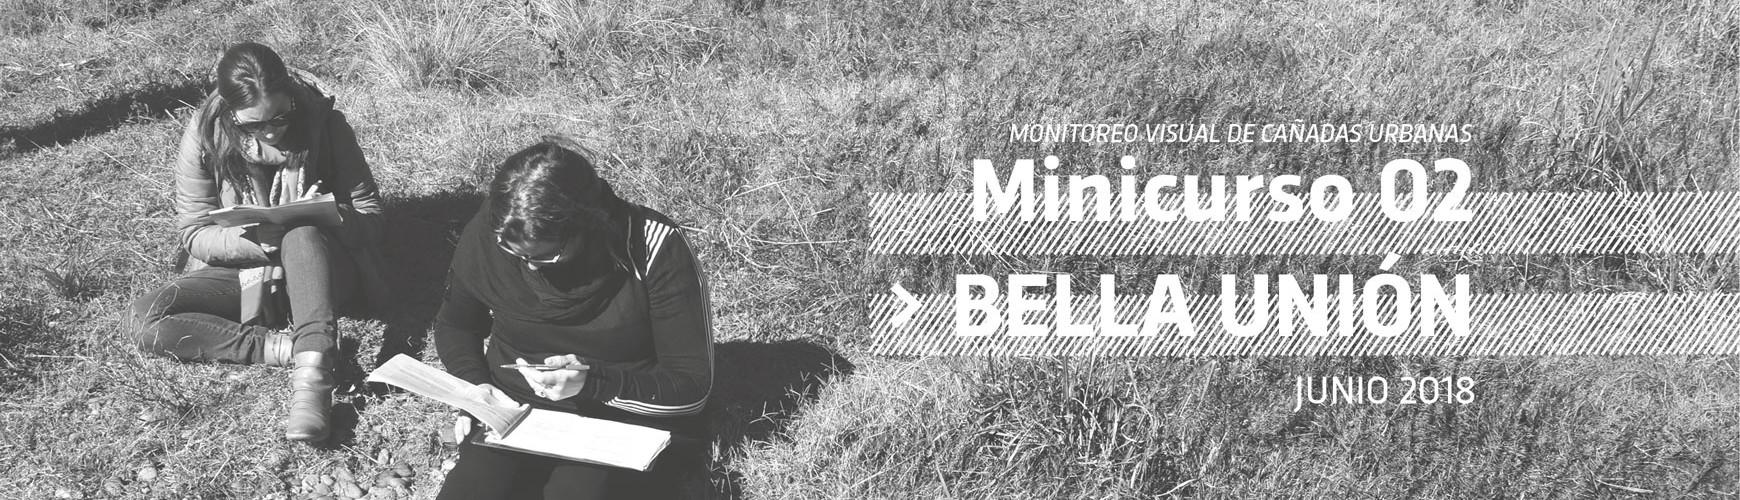 Banner-Minicurso-Bella-Union1